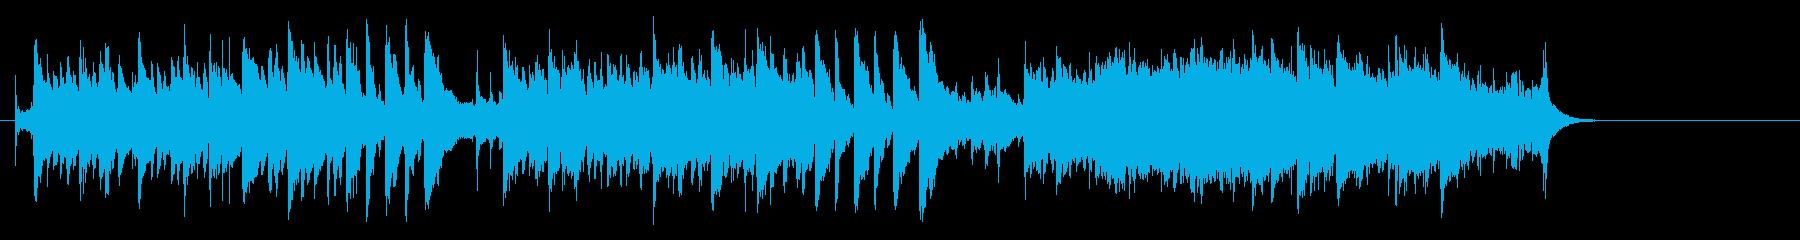 大自然の清らかなアコースティックBGMの再生済みの波形